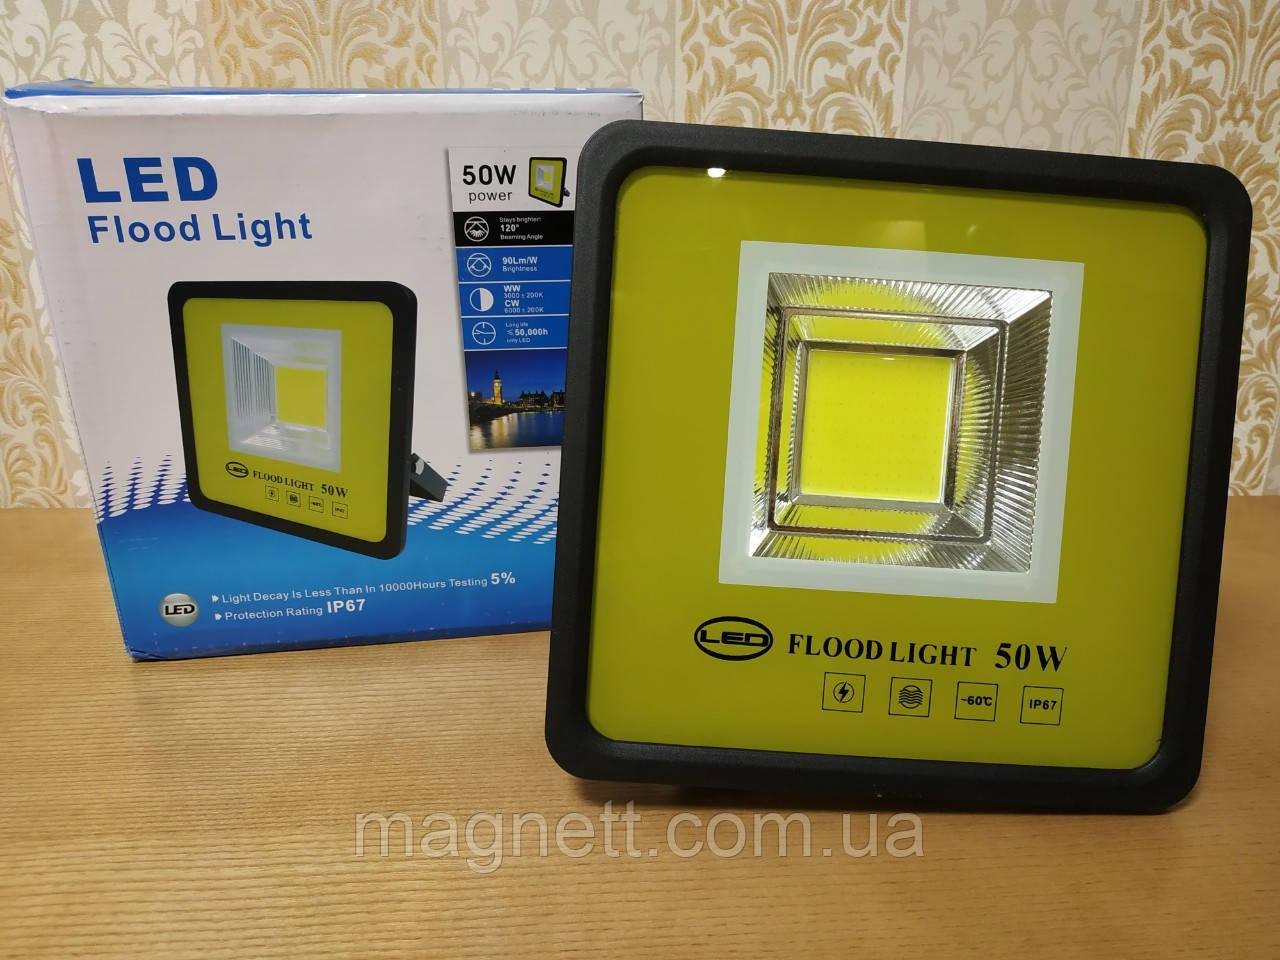 Светодиодный прожектор LED 50W, 220V, IP67